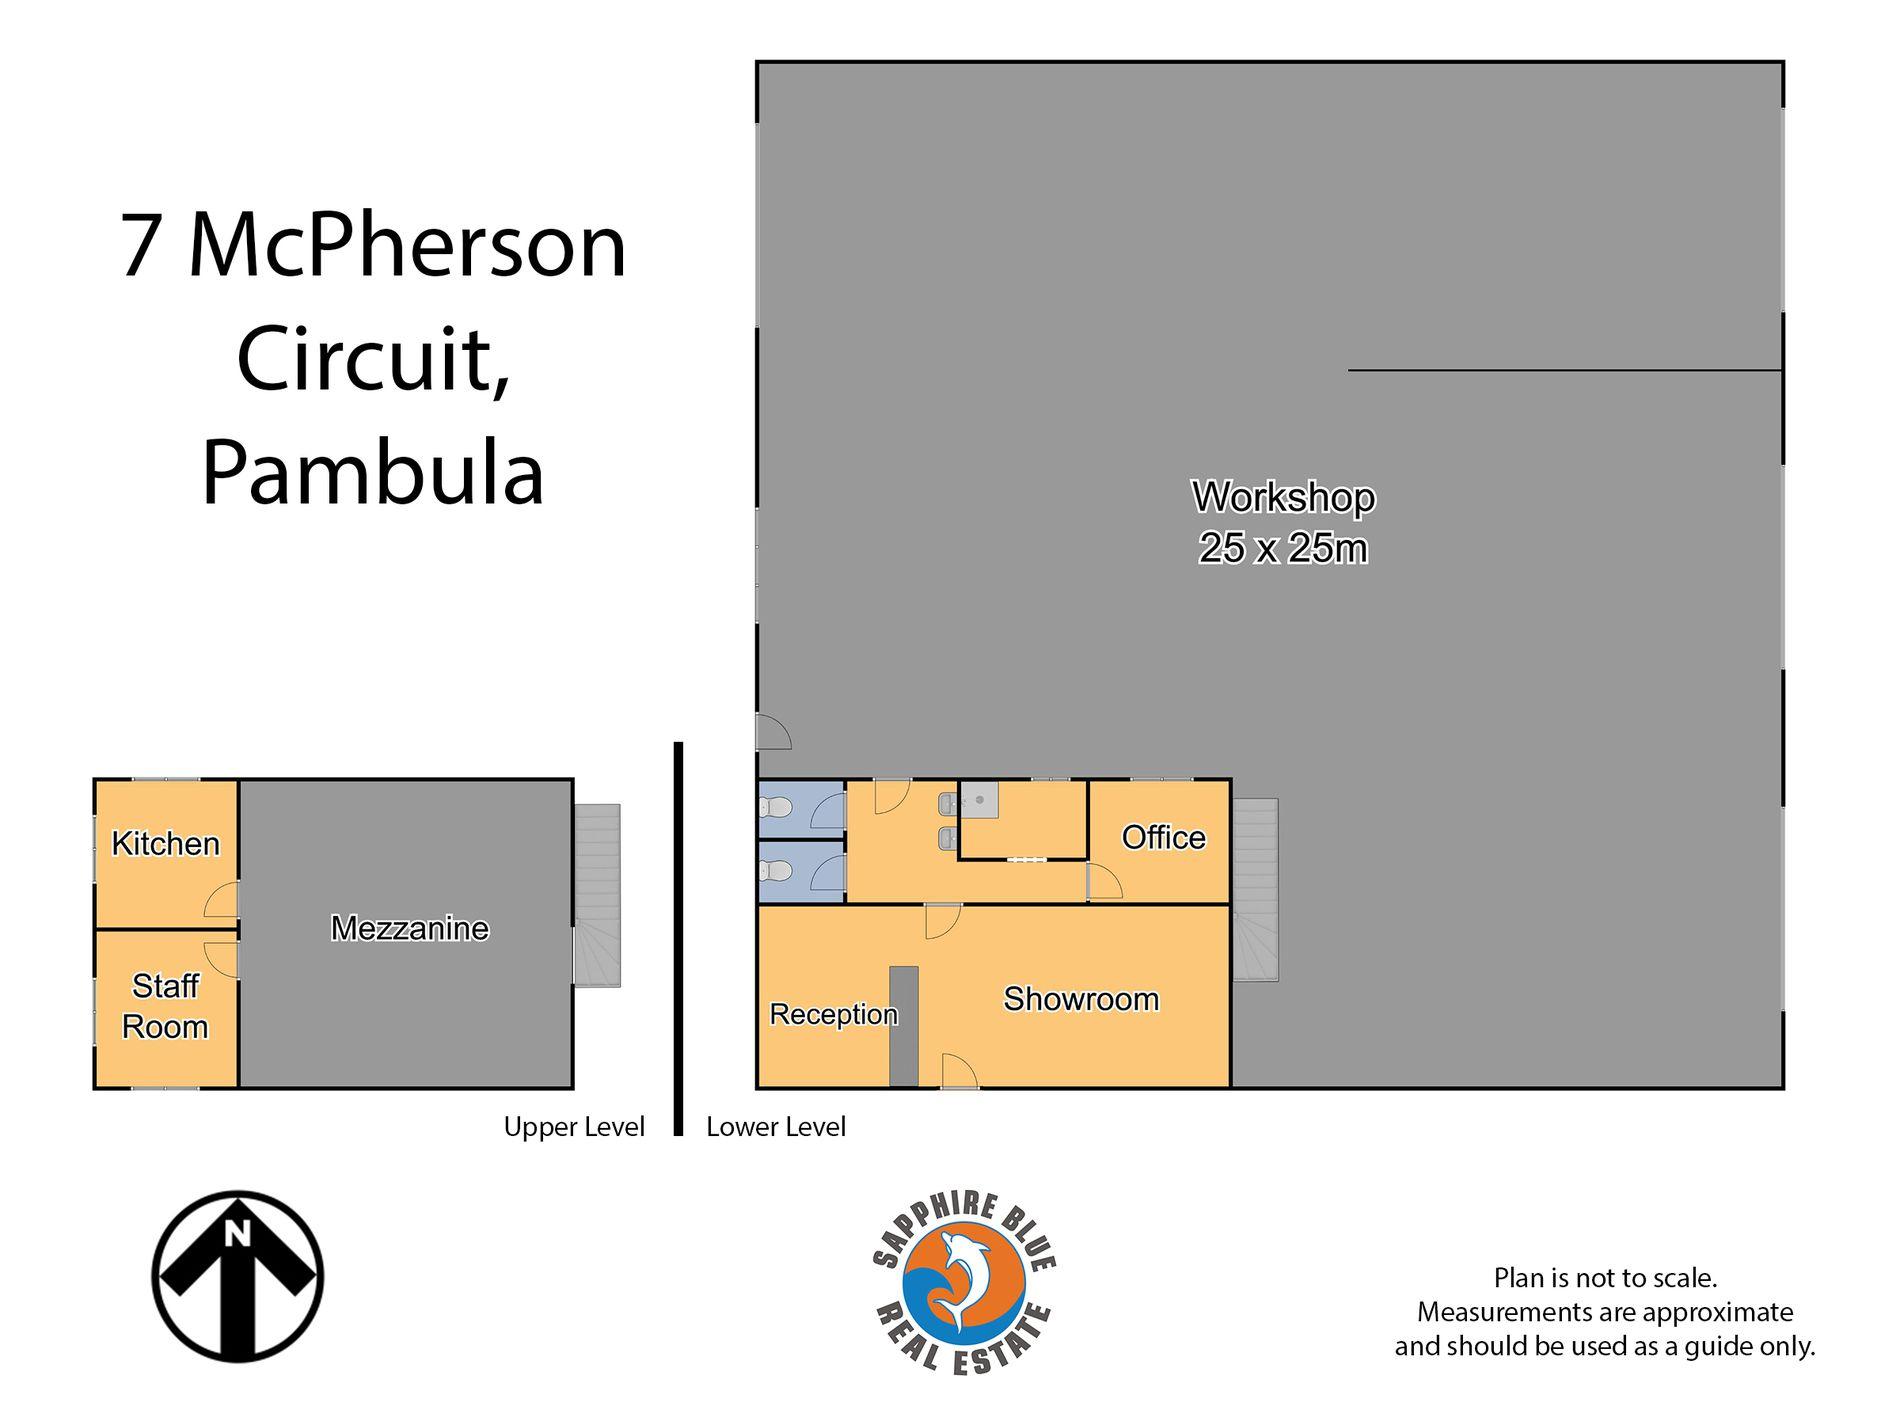 7 McPherson Circuit, Pambula